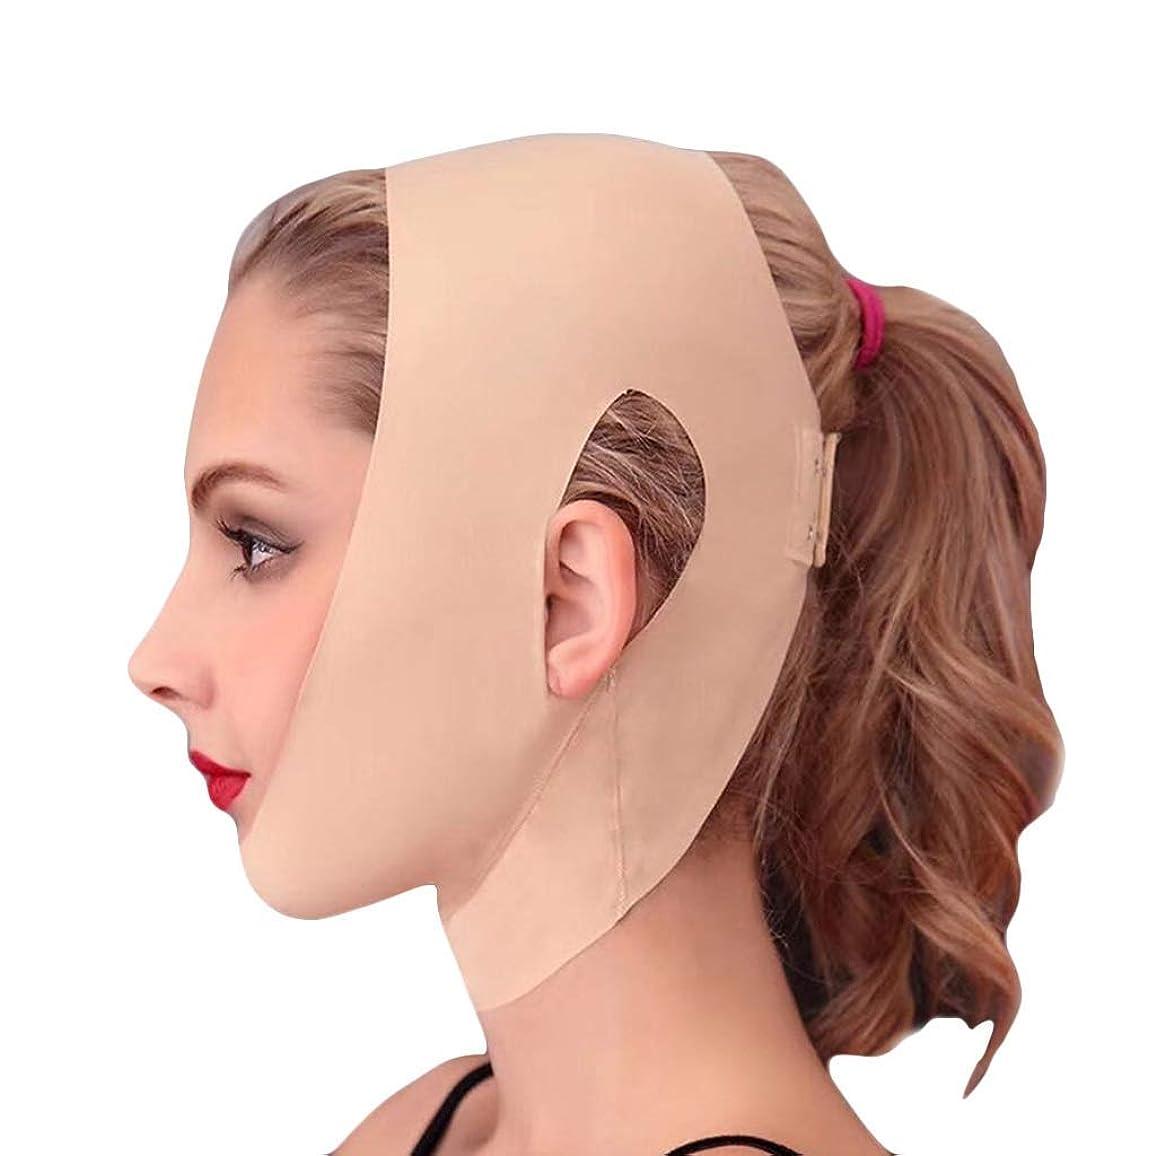 悪性腫瘍証明書早める持ち上がるしっかりした包帯のための顔の持ち上がる用具、表面持ち上がること、引き締まること、顔の減量ベルト